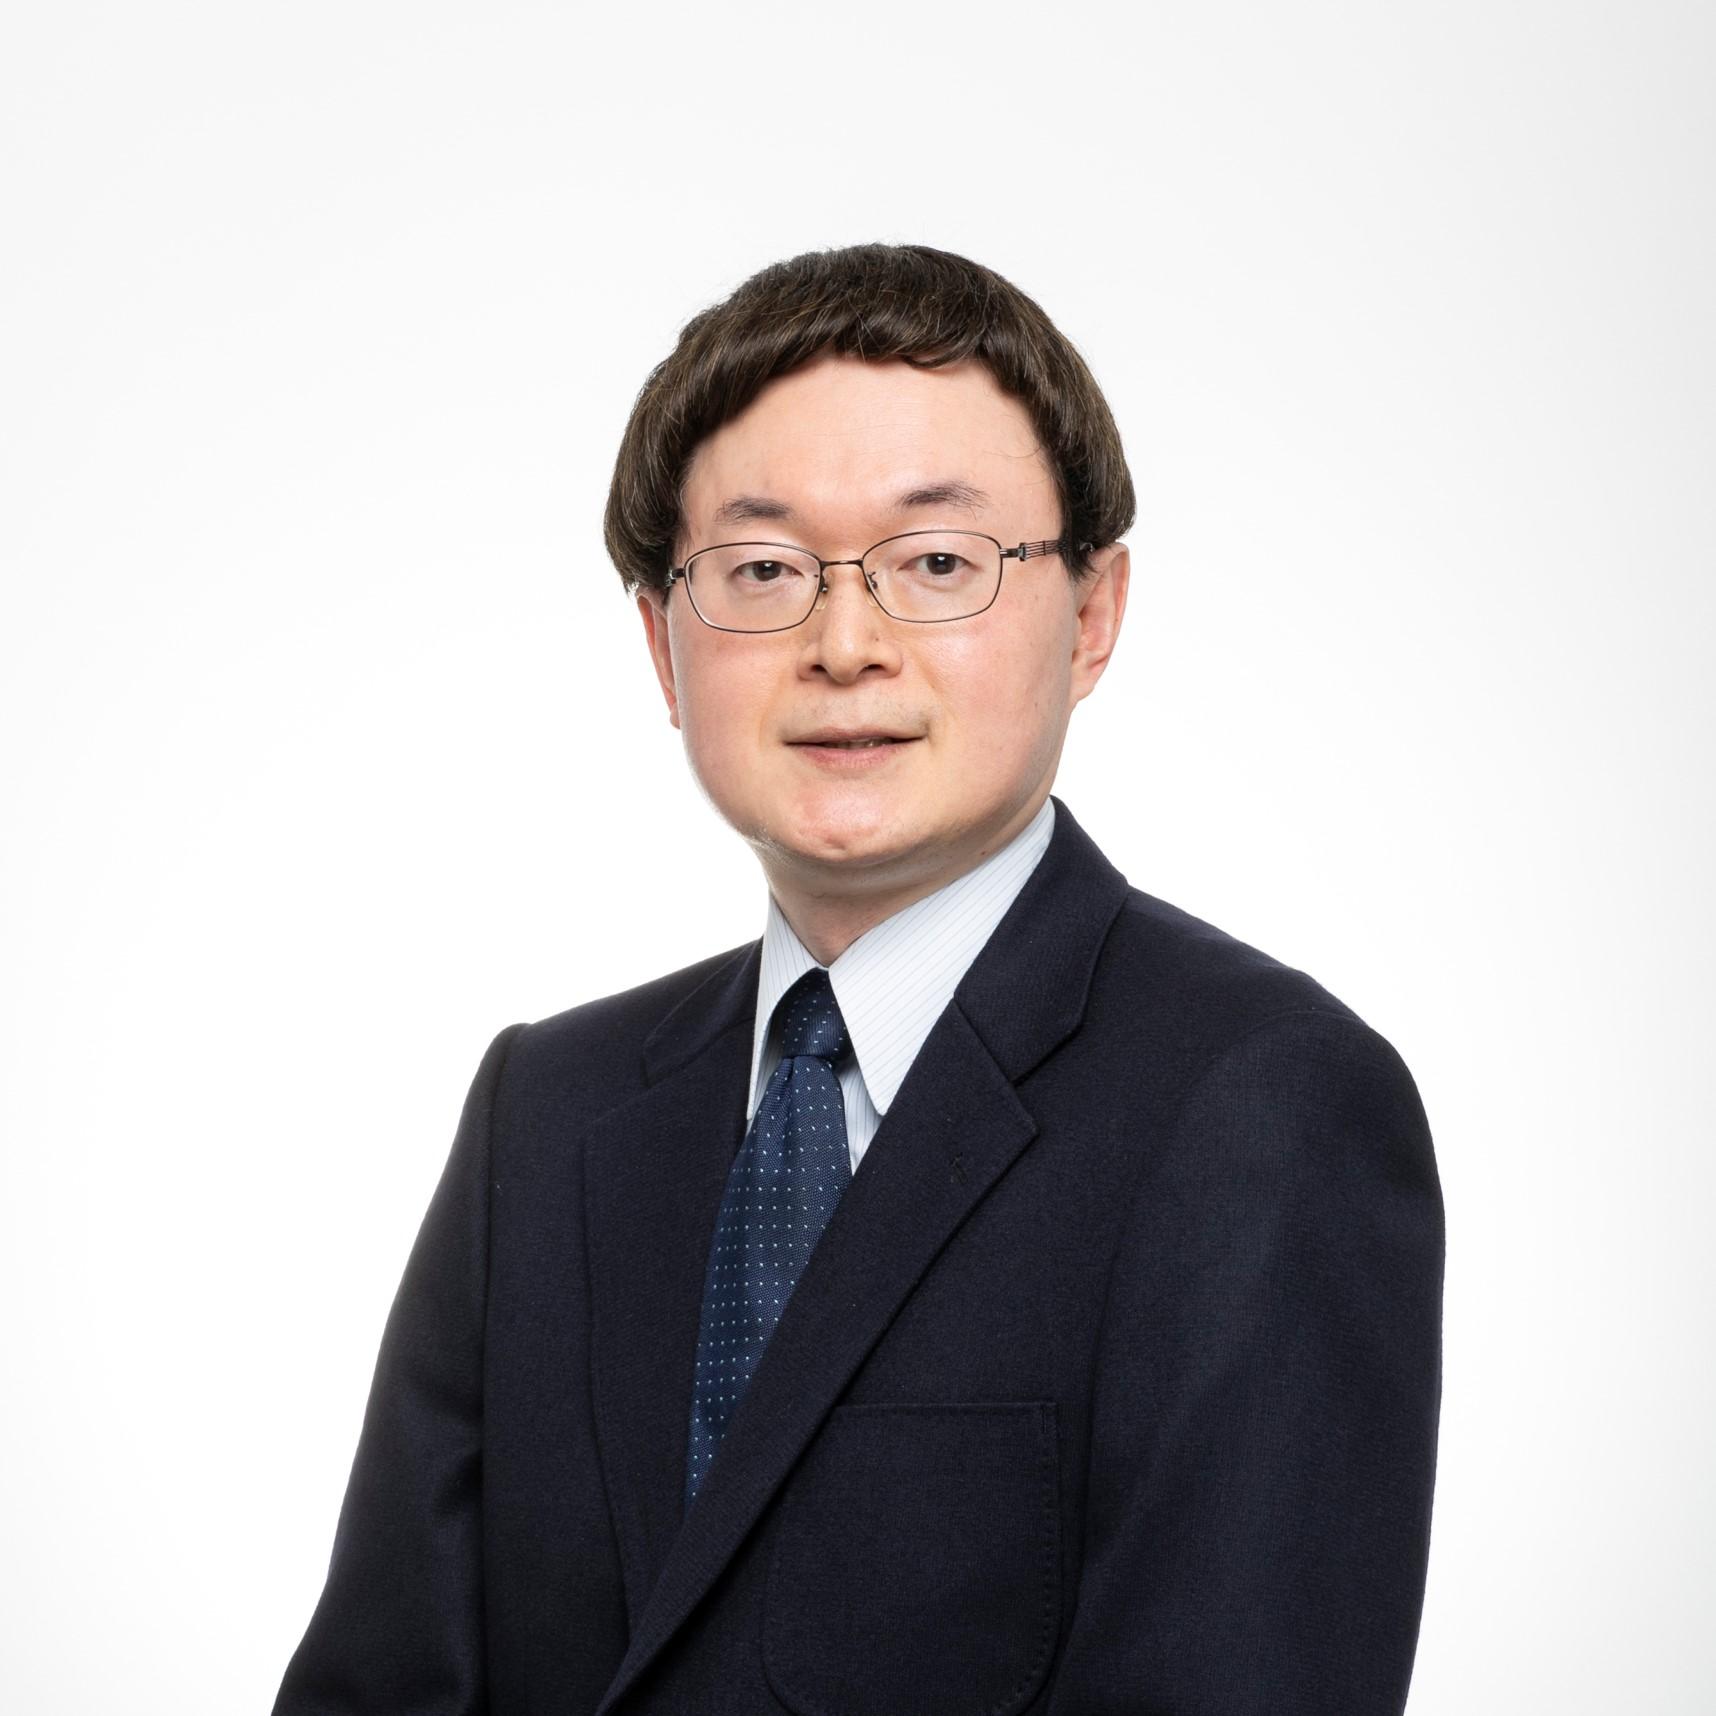 Kiyotaka Hasegawa